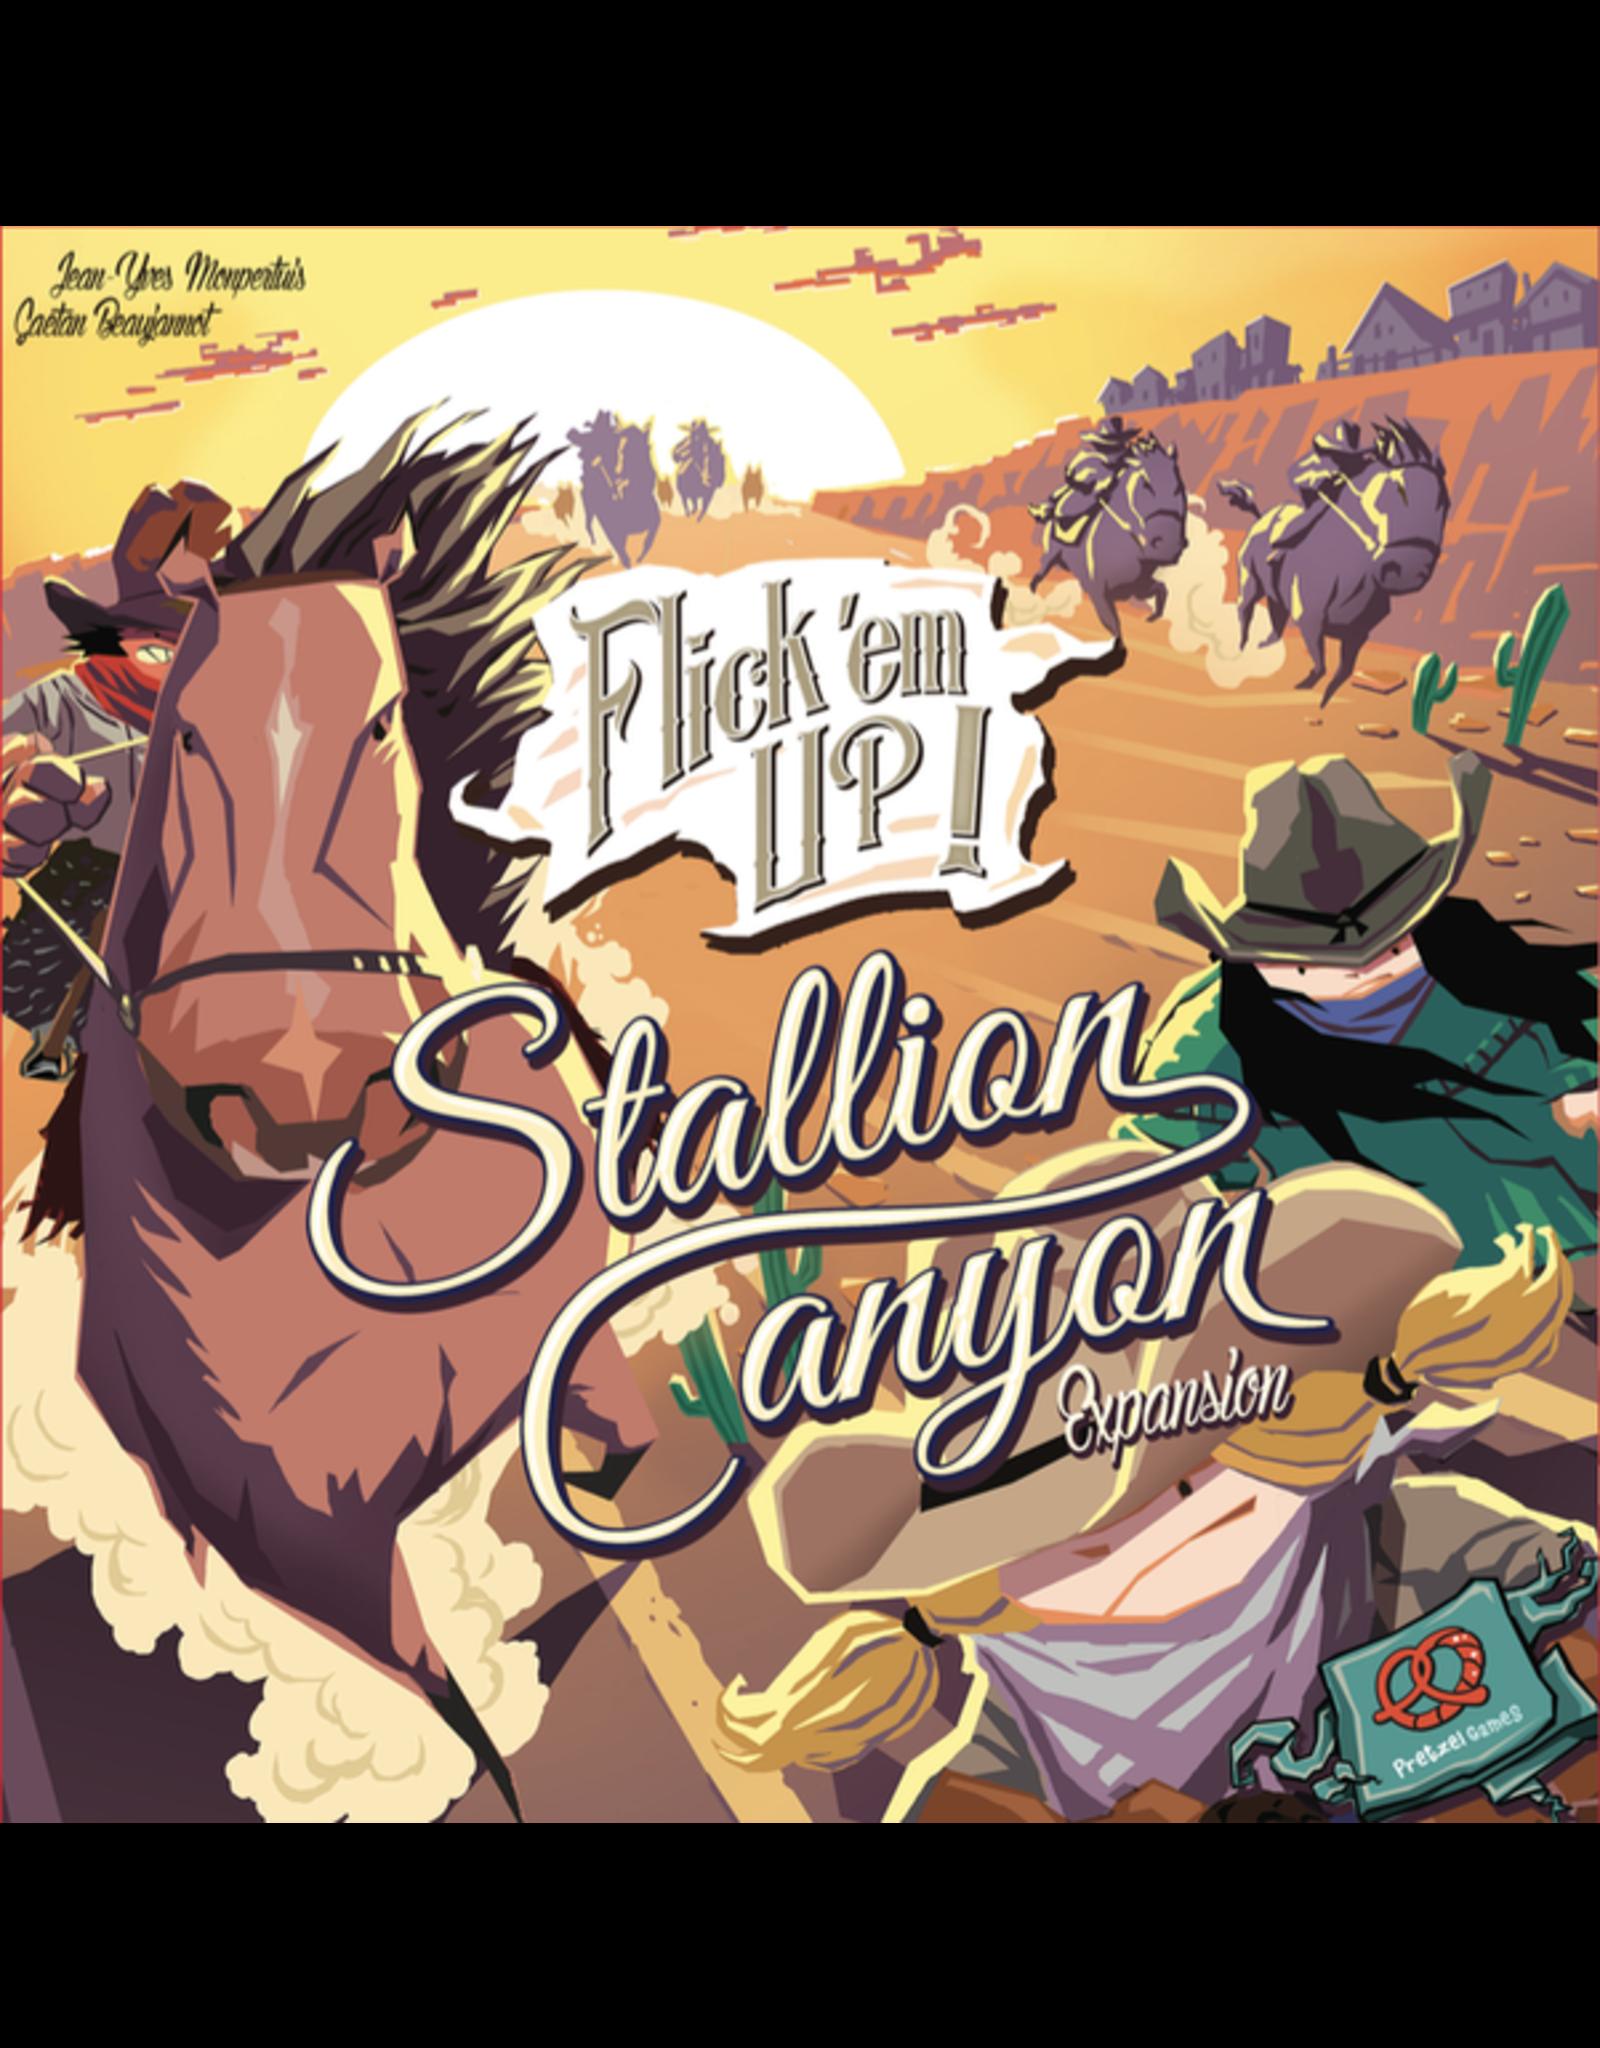 Pretzel Games Flick Em Up! Stallion Canyon Expansion